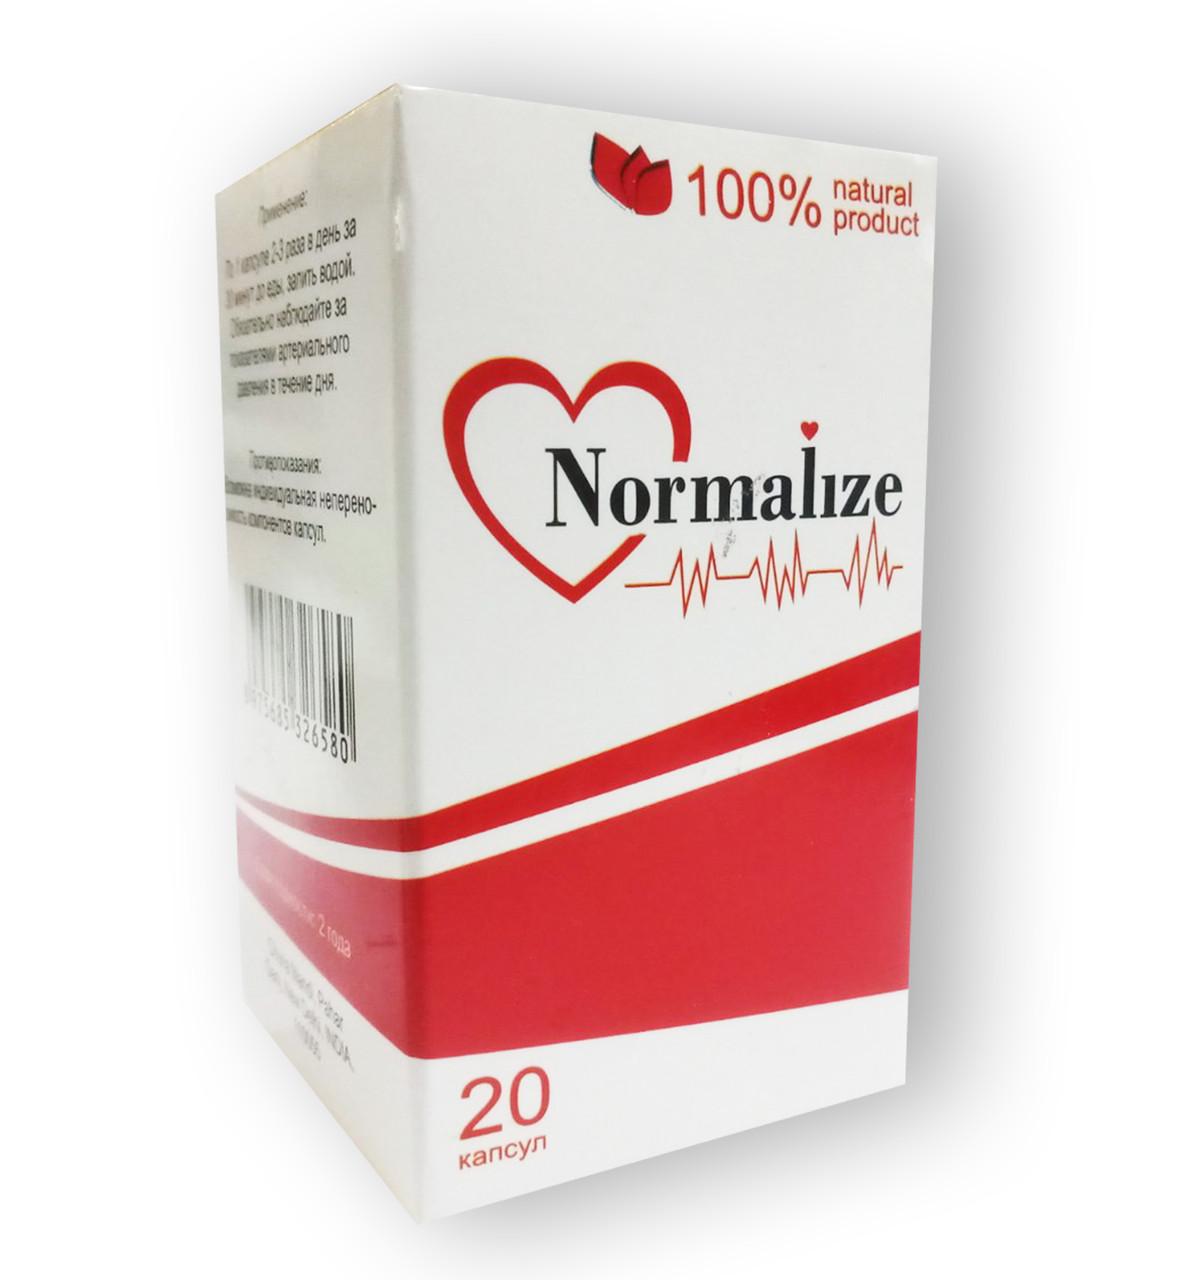 Normalize - Капсули для нормалізації артеріального тиску (Нормалайз)